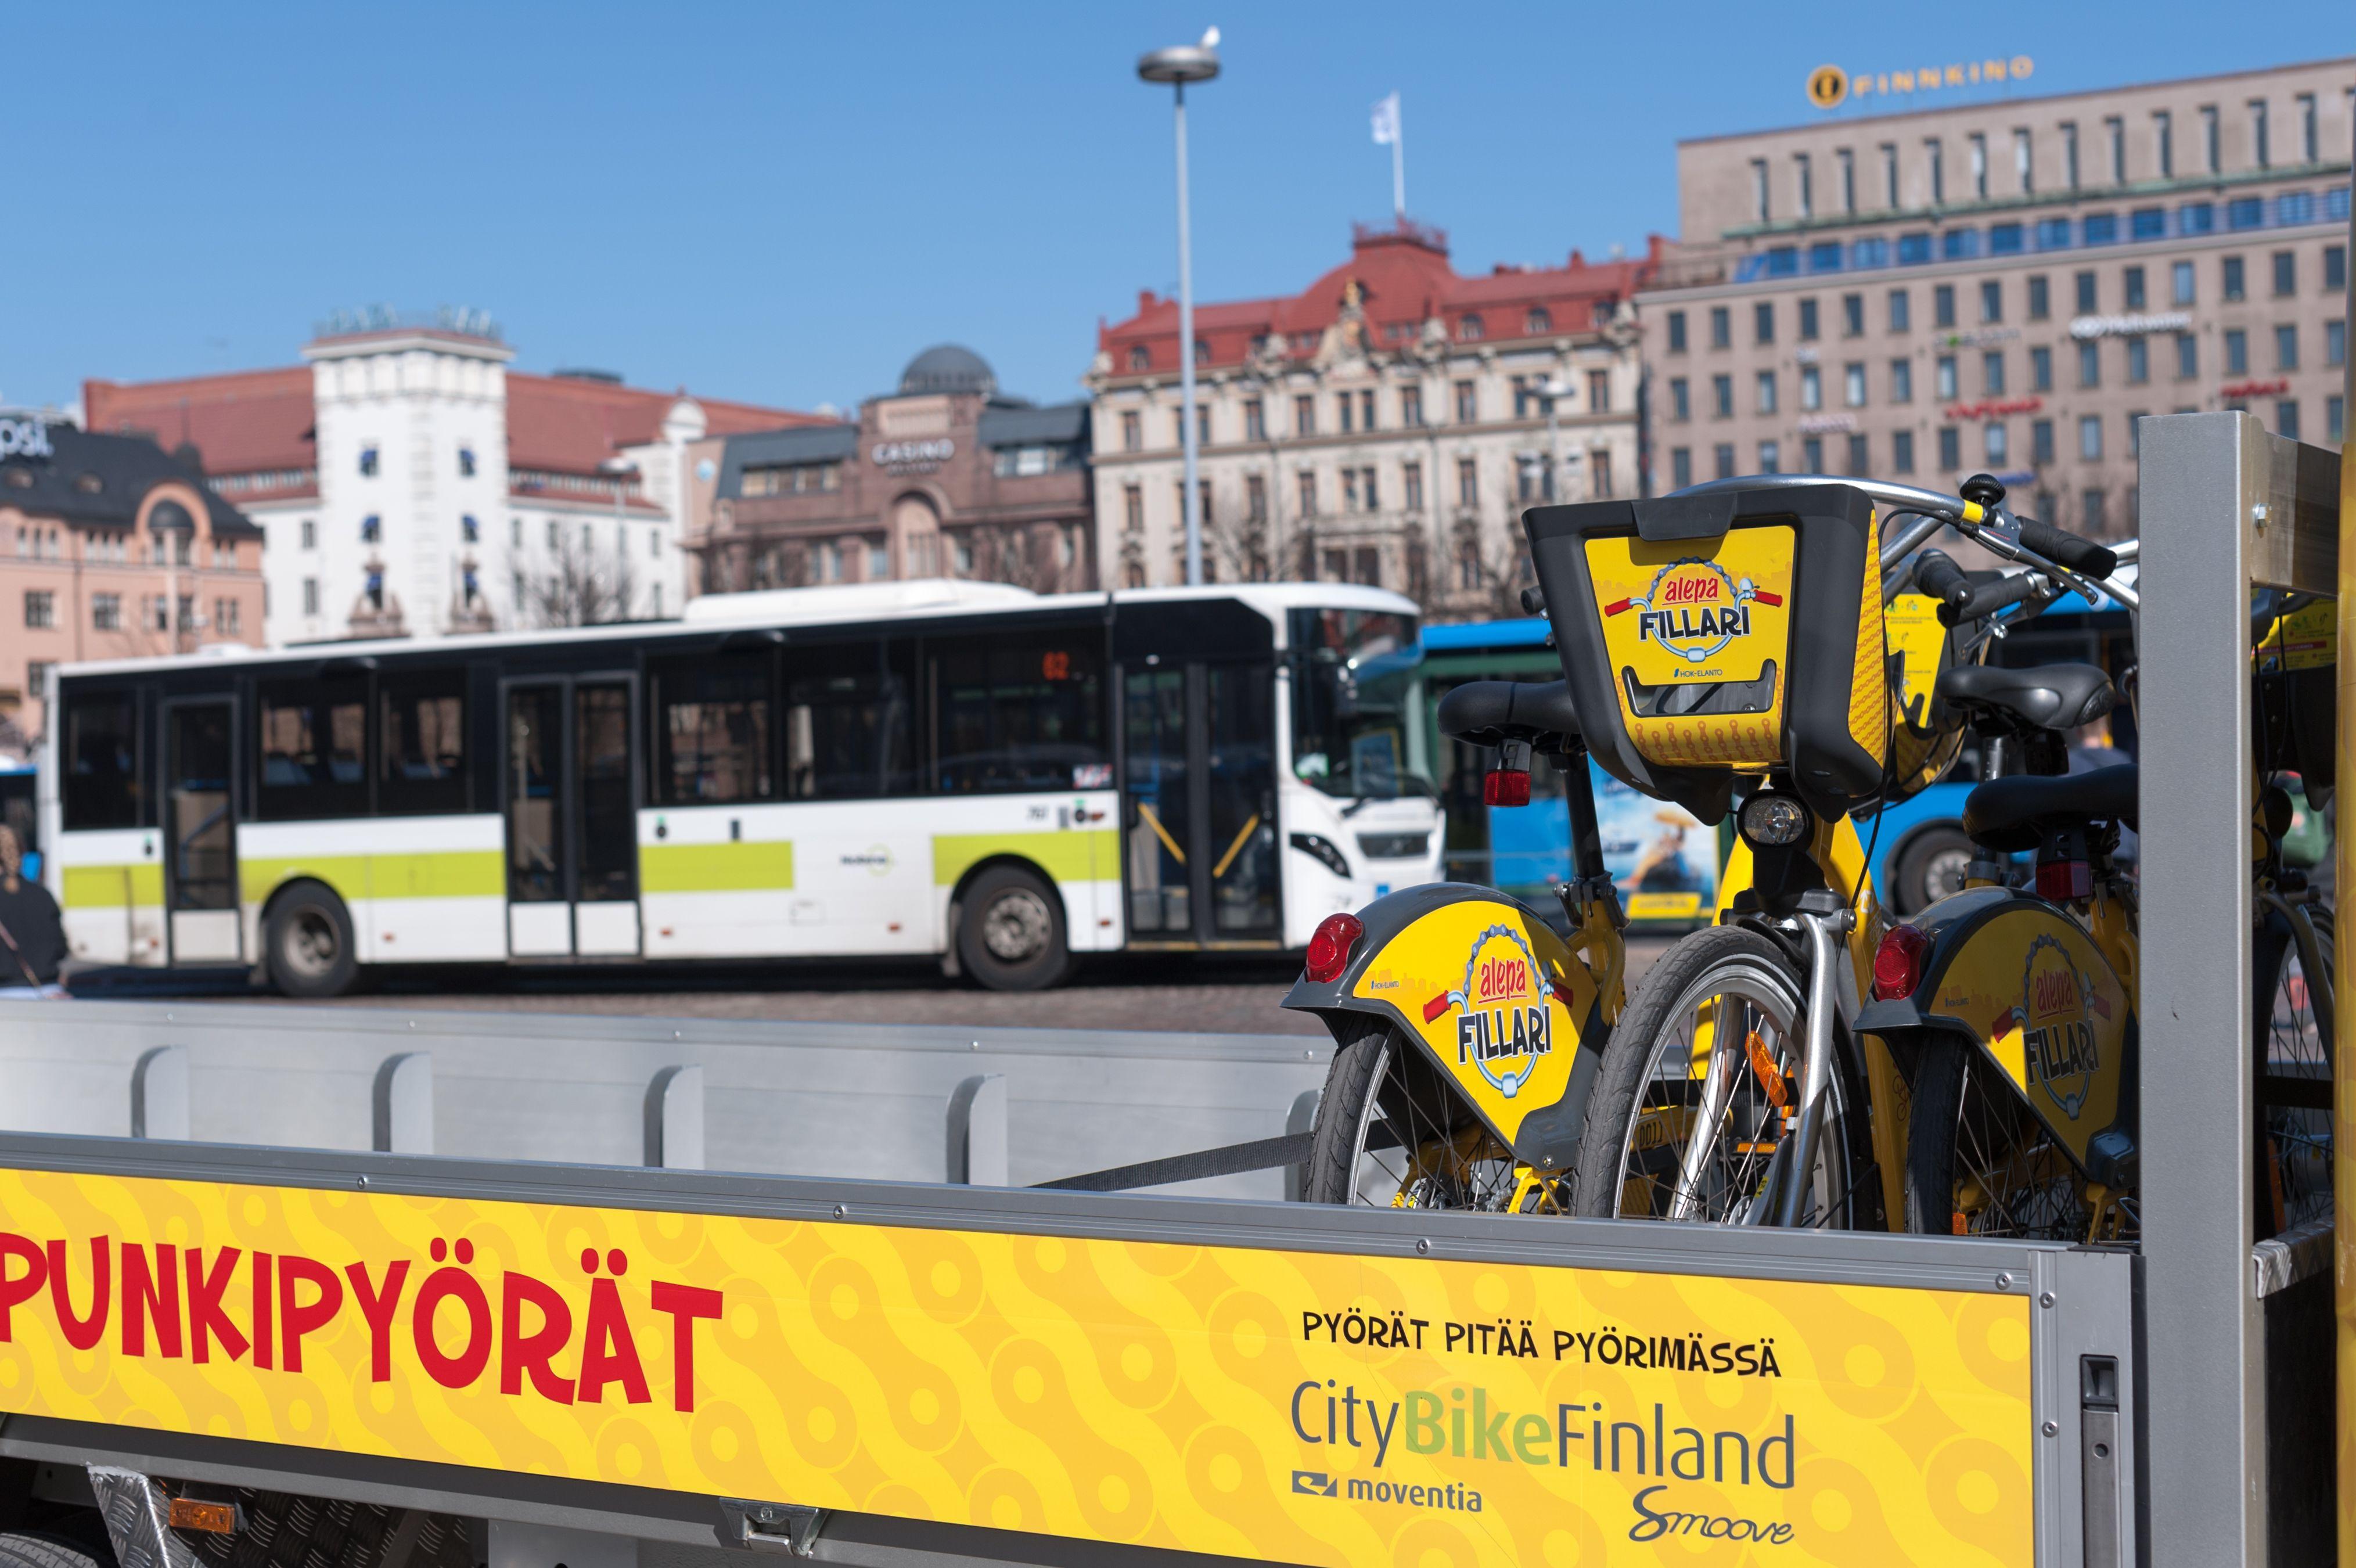 Espoo saa oman kaupunkipyöräkokeilun, kun Helsingistä lainataan 10 pyöräasemaa ensi kesäksi.